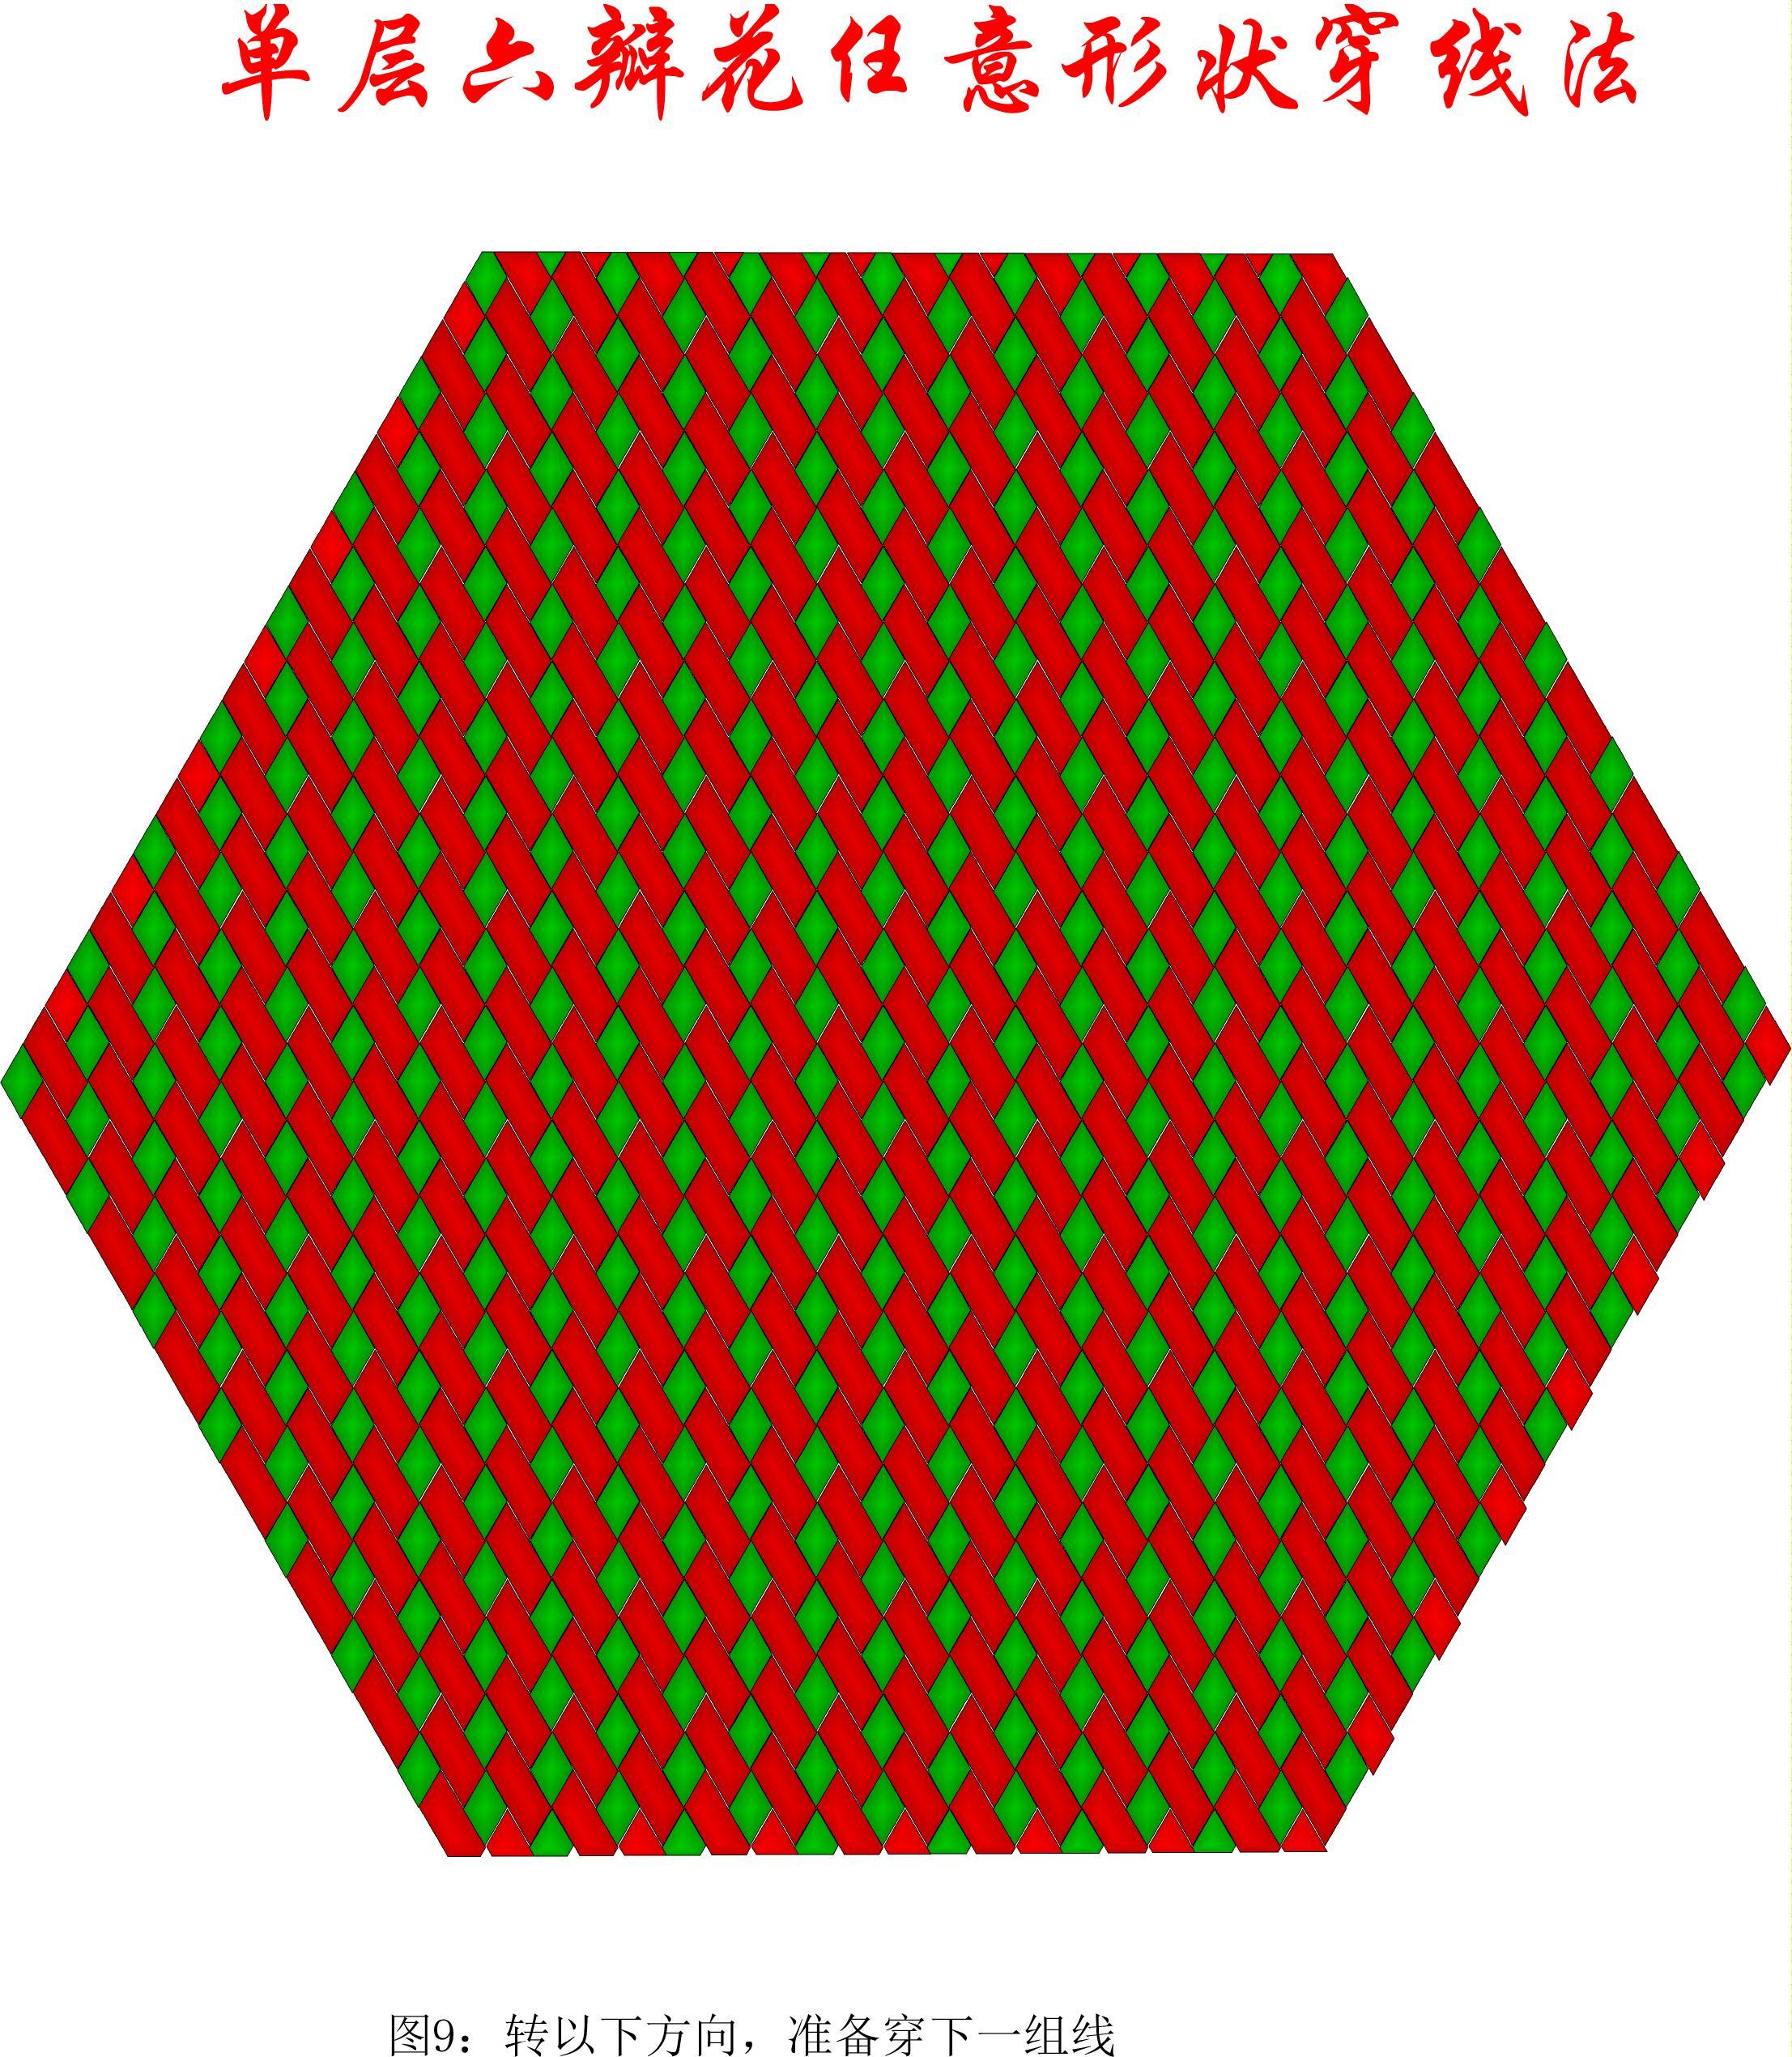 中国结论坛 单层叠压六瓣花任意形状穿线方法 1264,盘长结 丑丑徒手编结 200905ee8muww8w7dyulyp